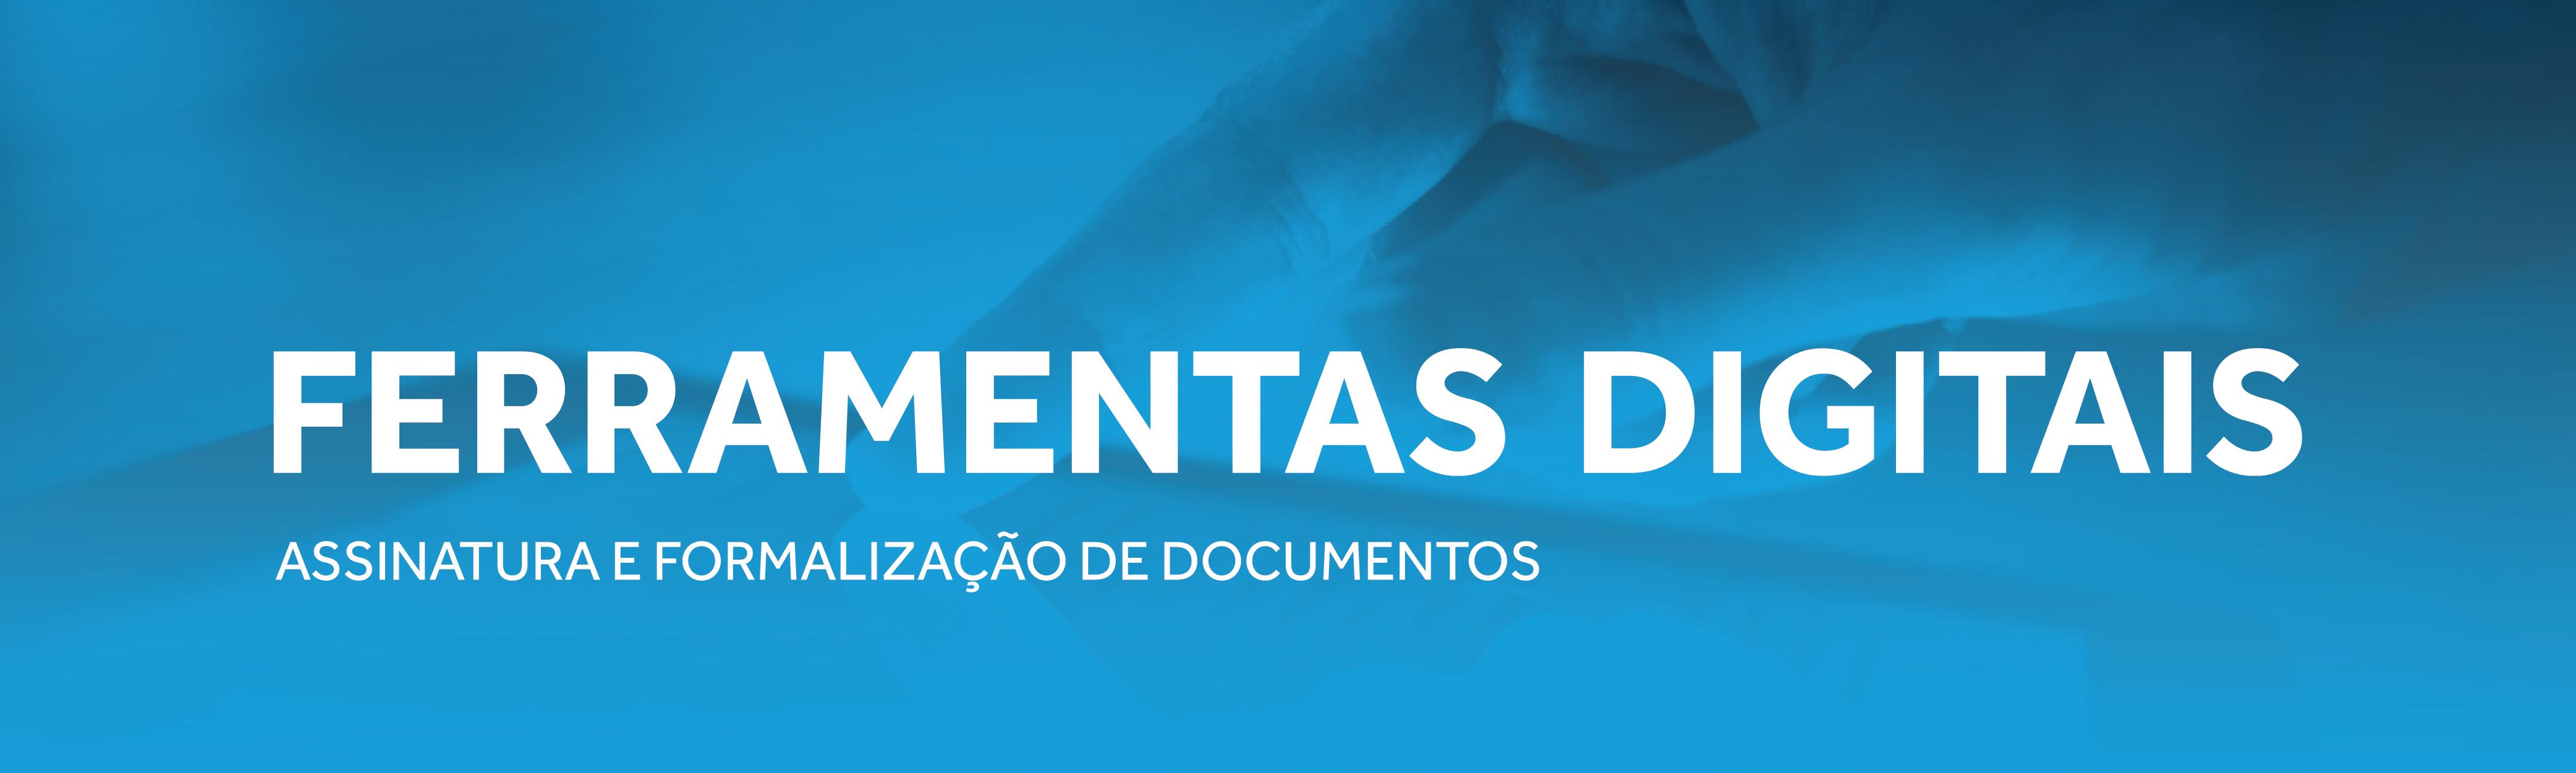 FERRAMENTAS DIGITAIS – ASSINATURA E FORMALIZAÇÃO DE DOCUMENTOS